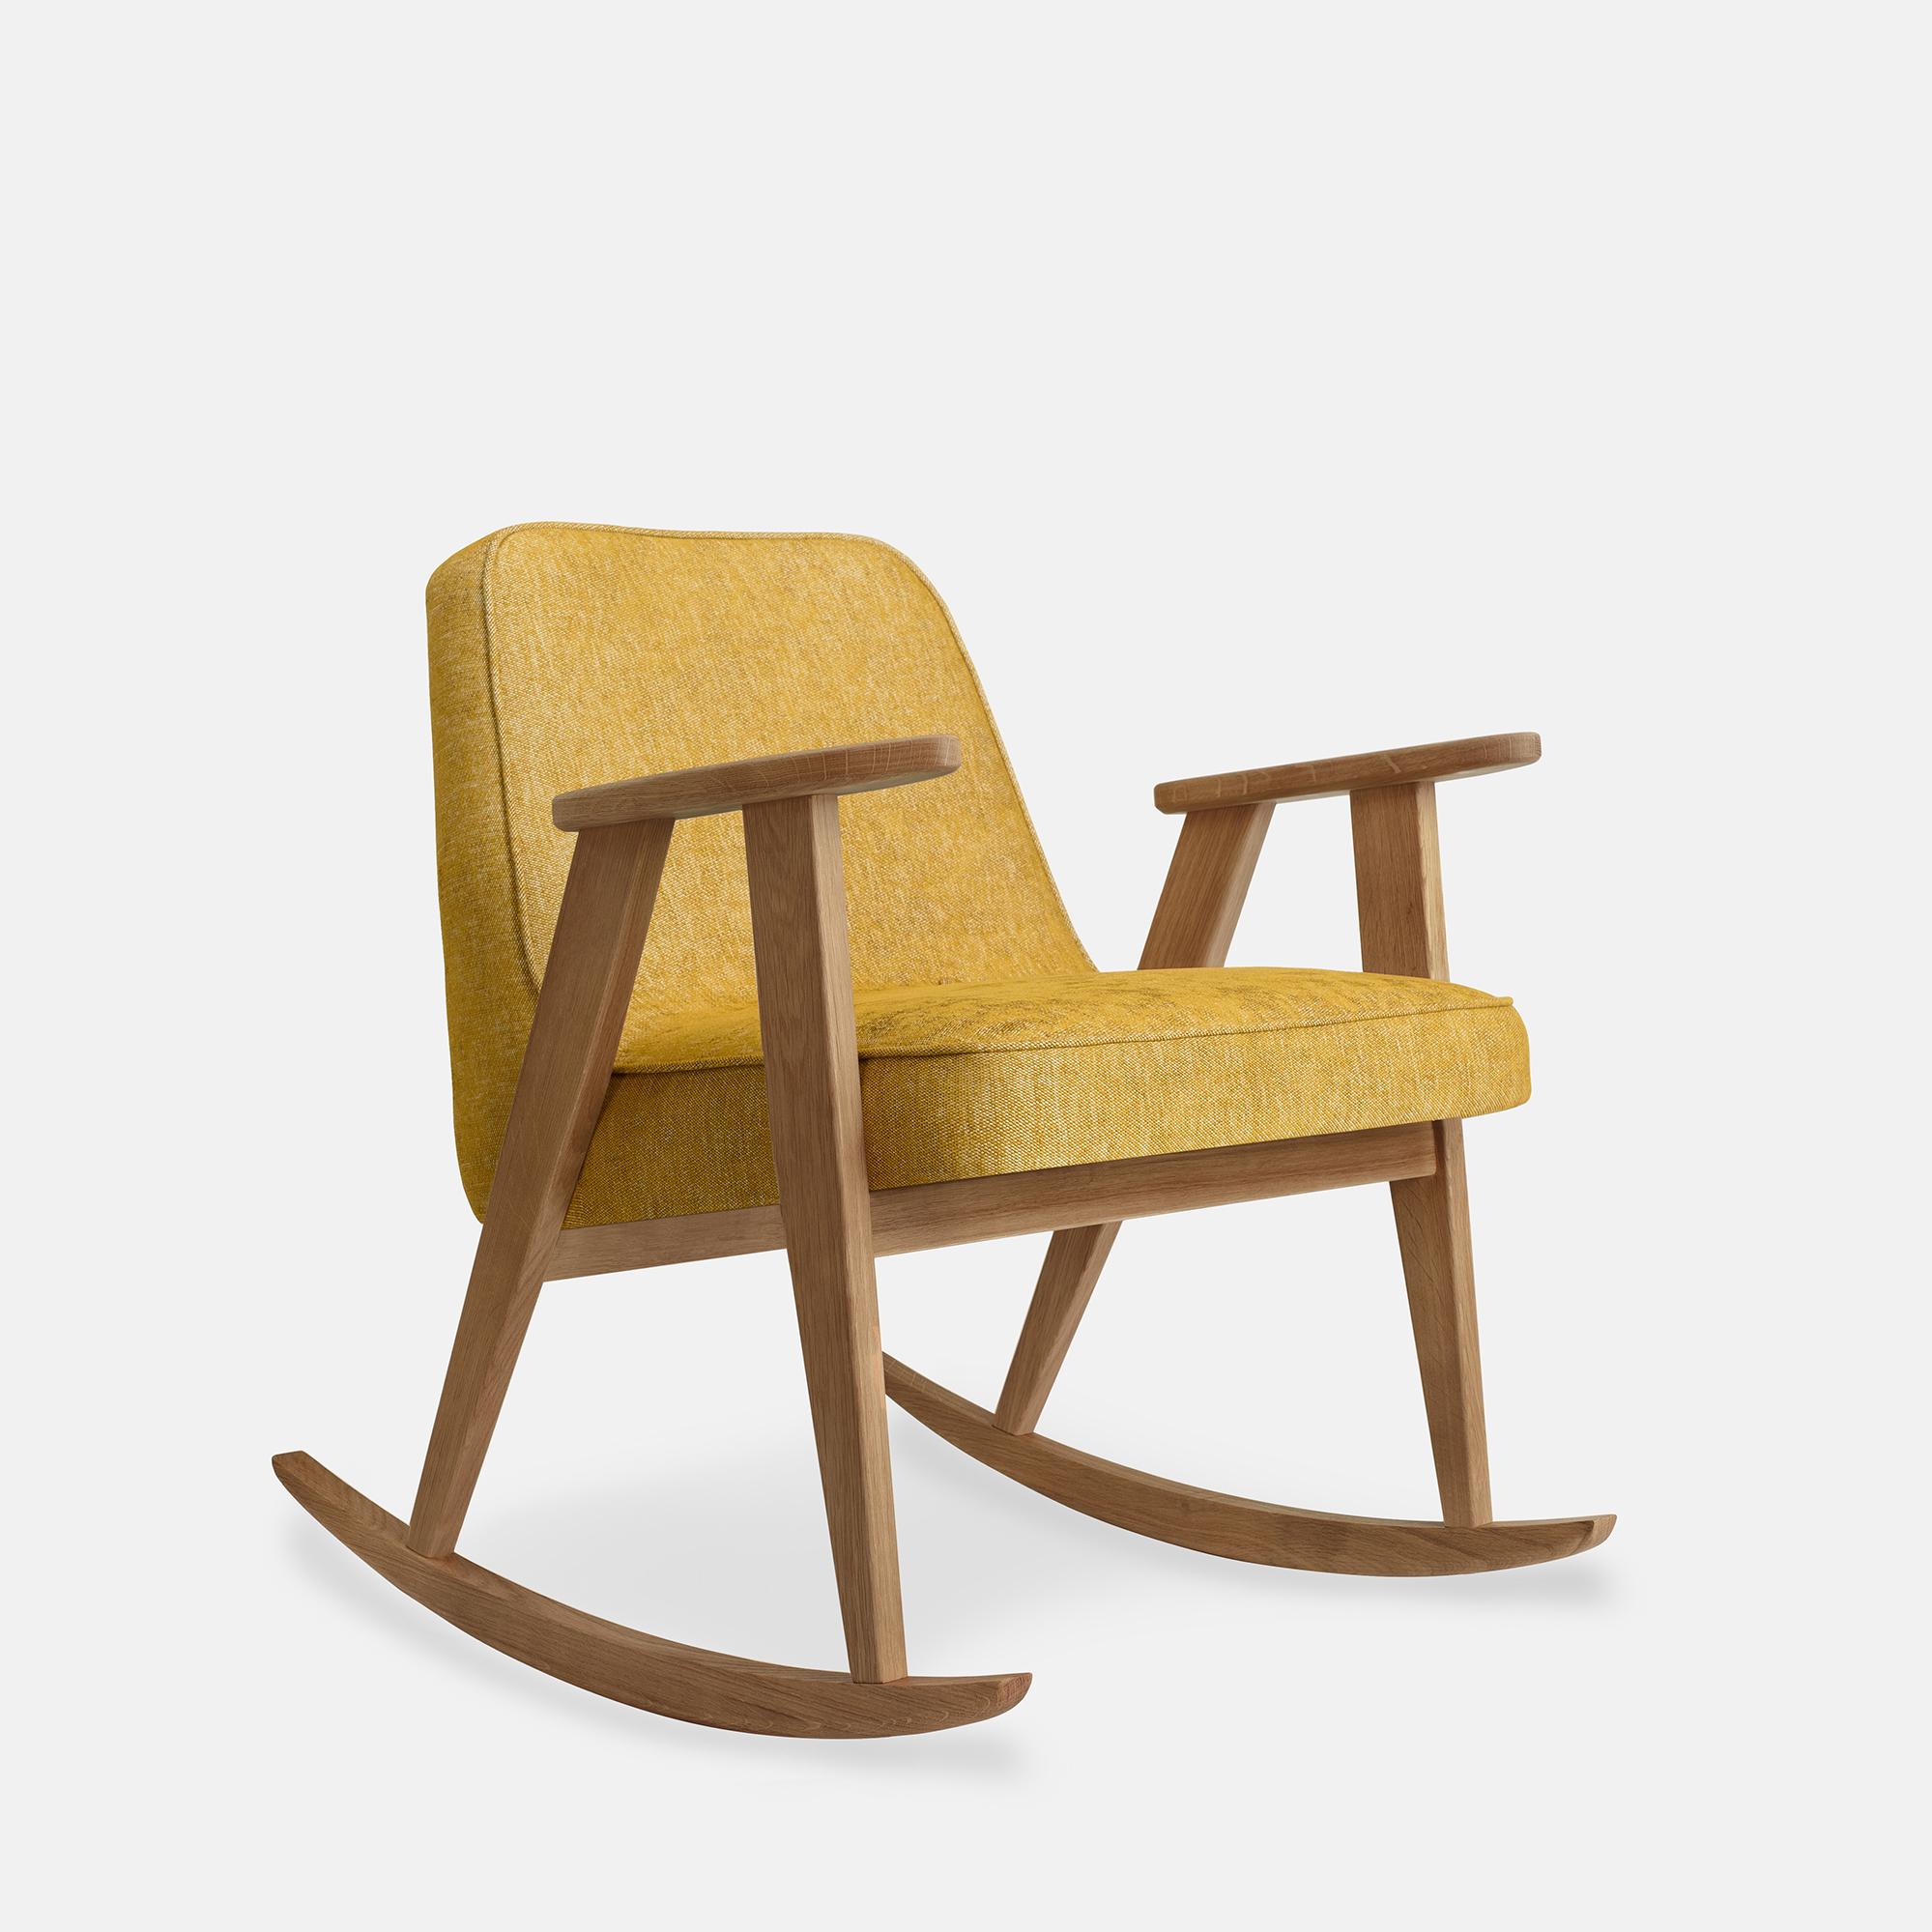 366-Concept-366-Rocking-Chair-W02-Loft-Mustard